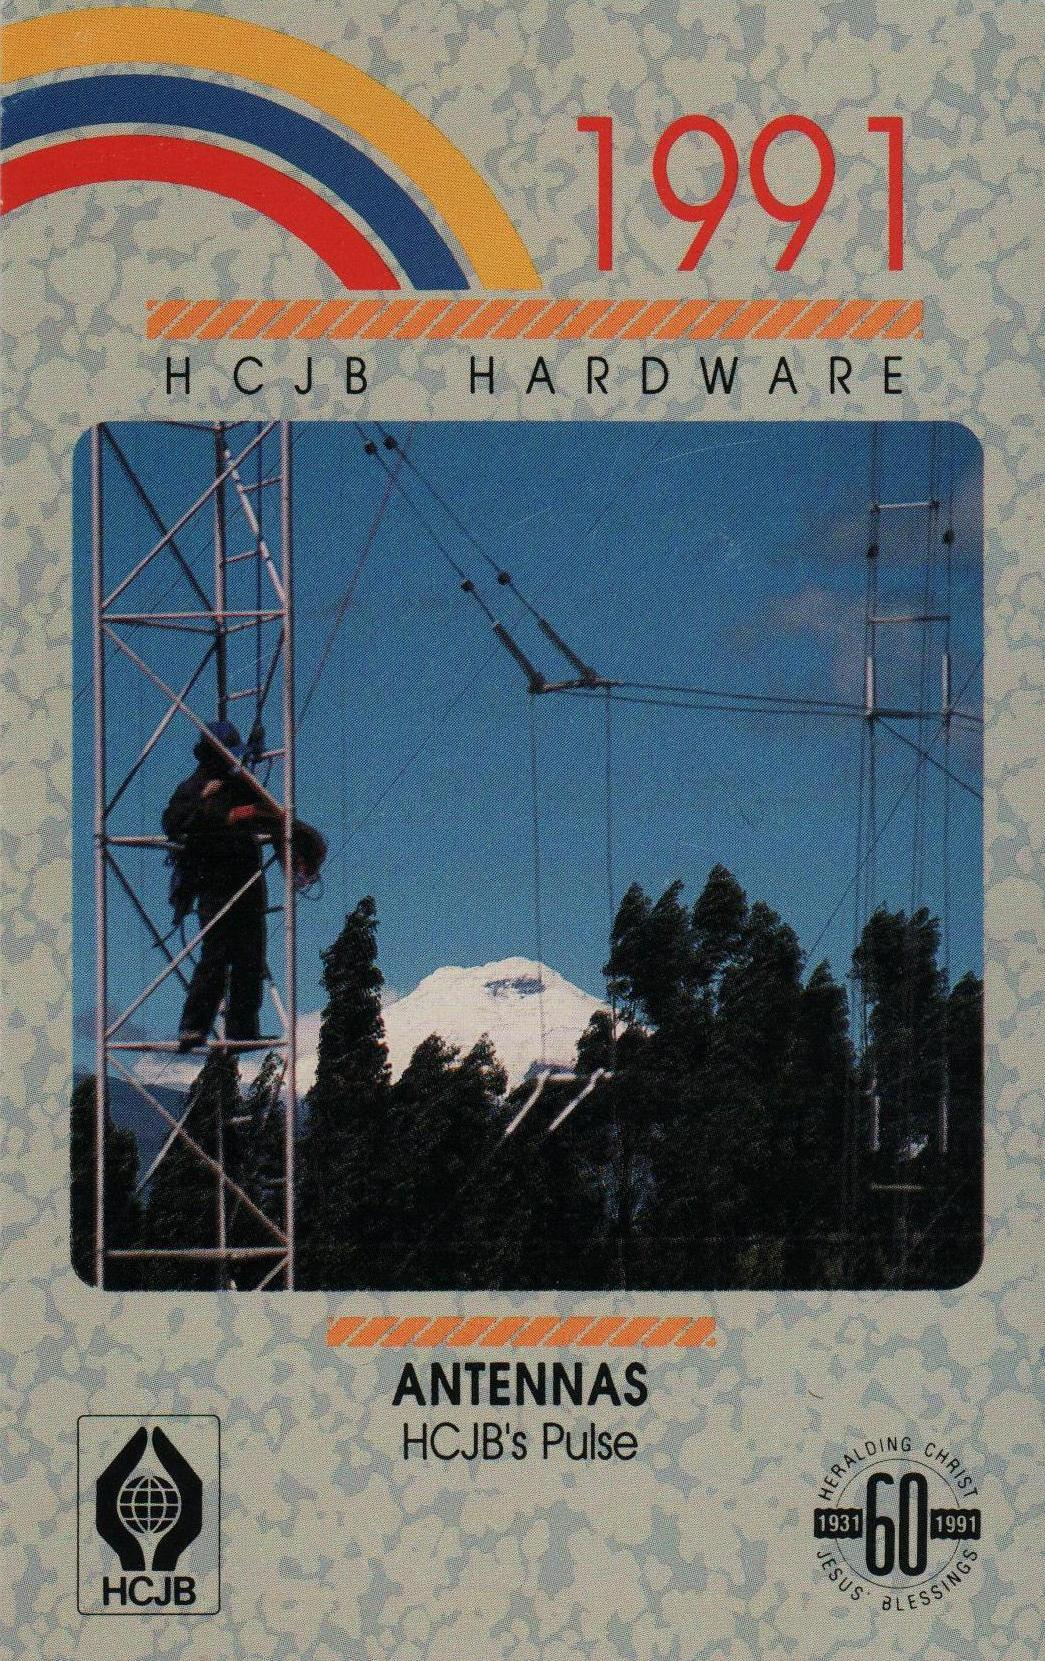 Нажмите на изображение для увеличения.  Название:HCJB.jpg Просмотров:8 Размер:527.7 Кб ID:230389